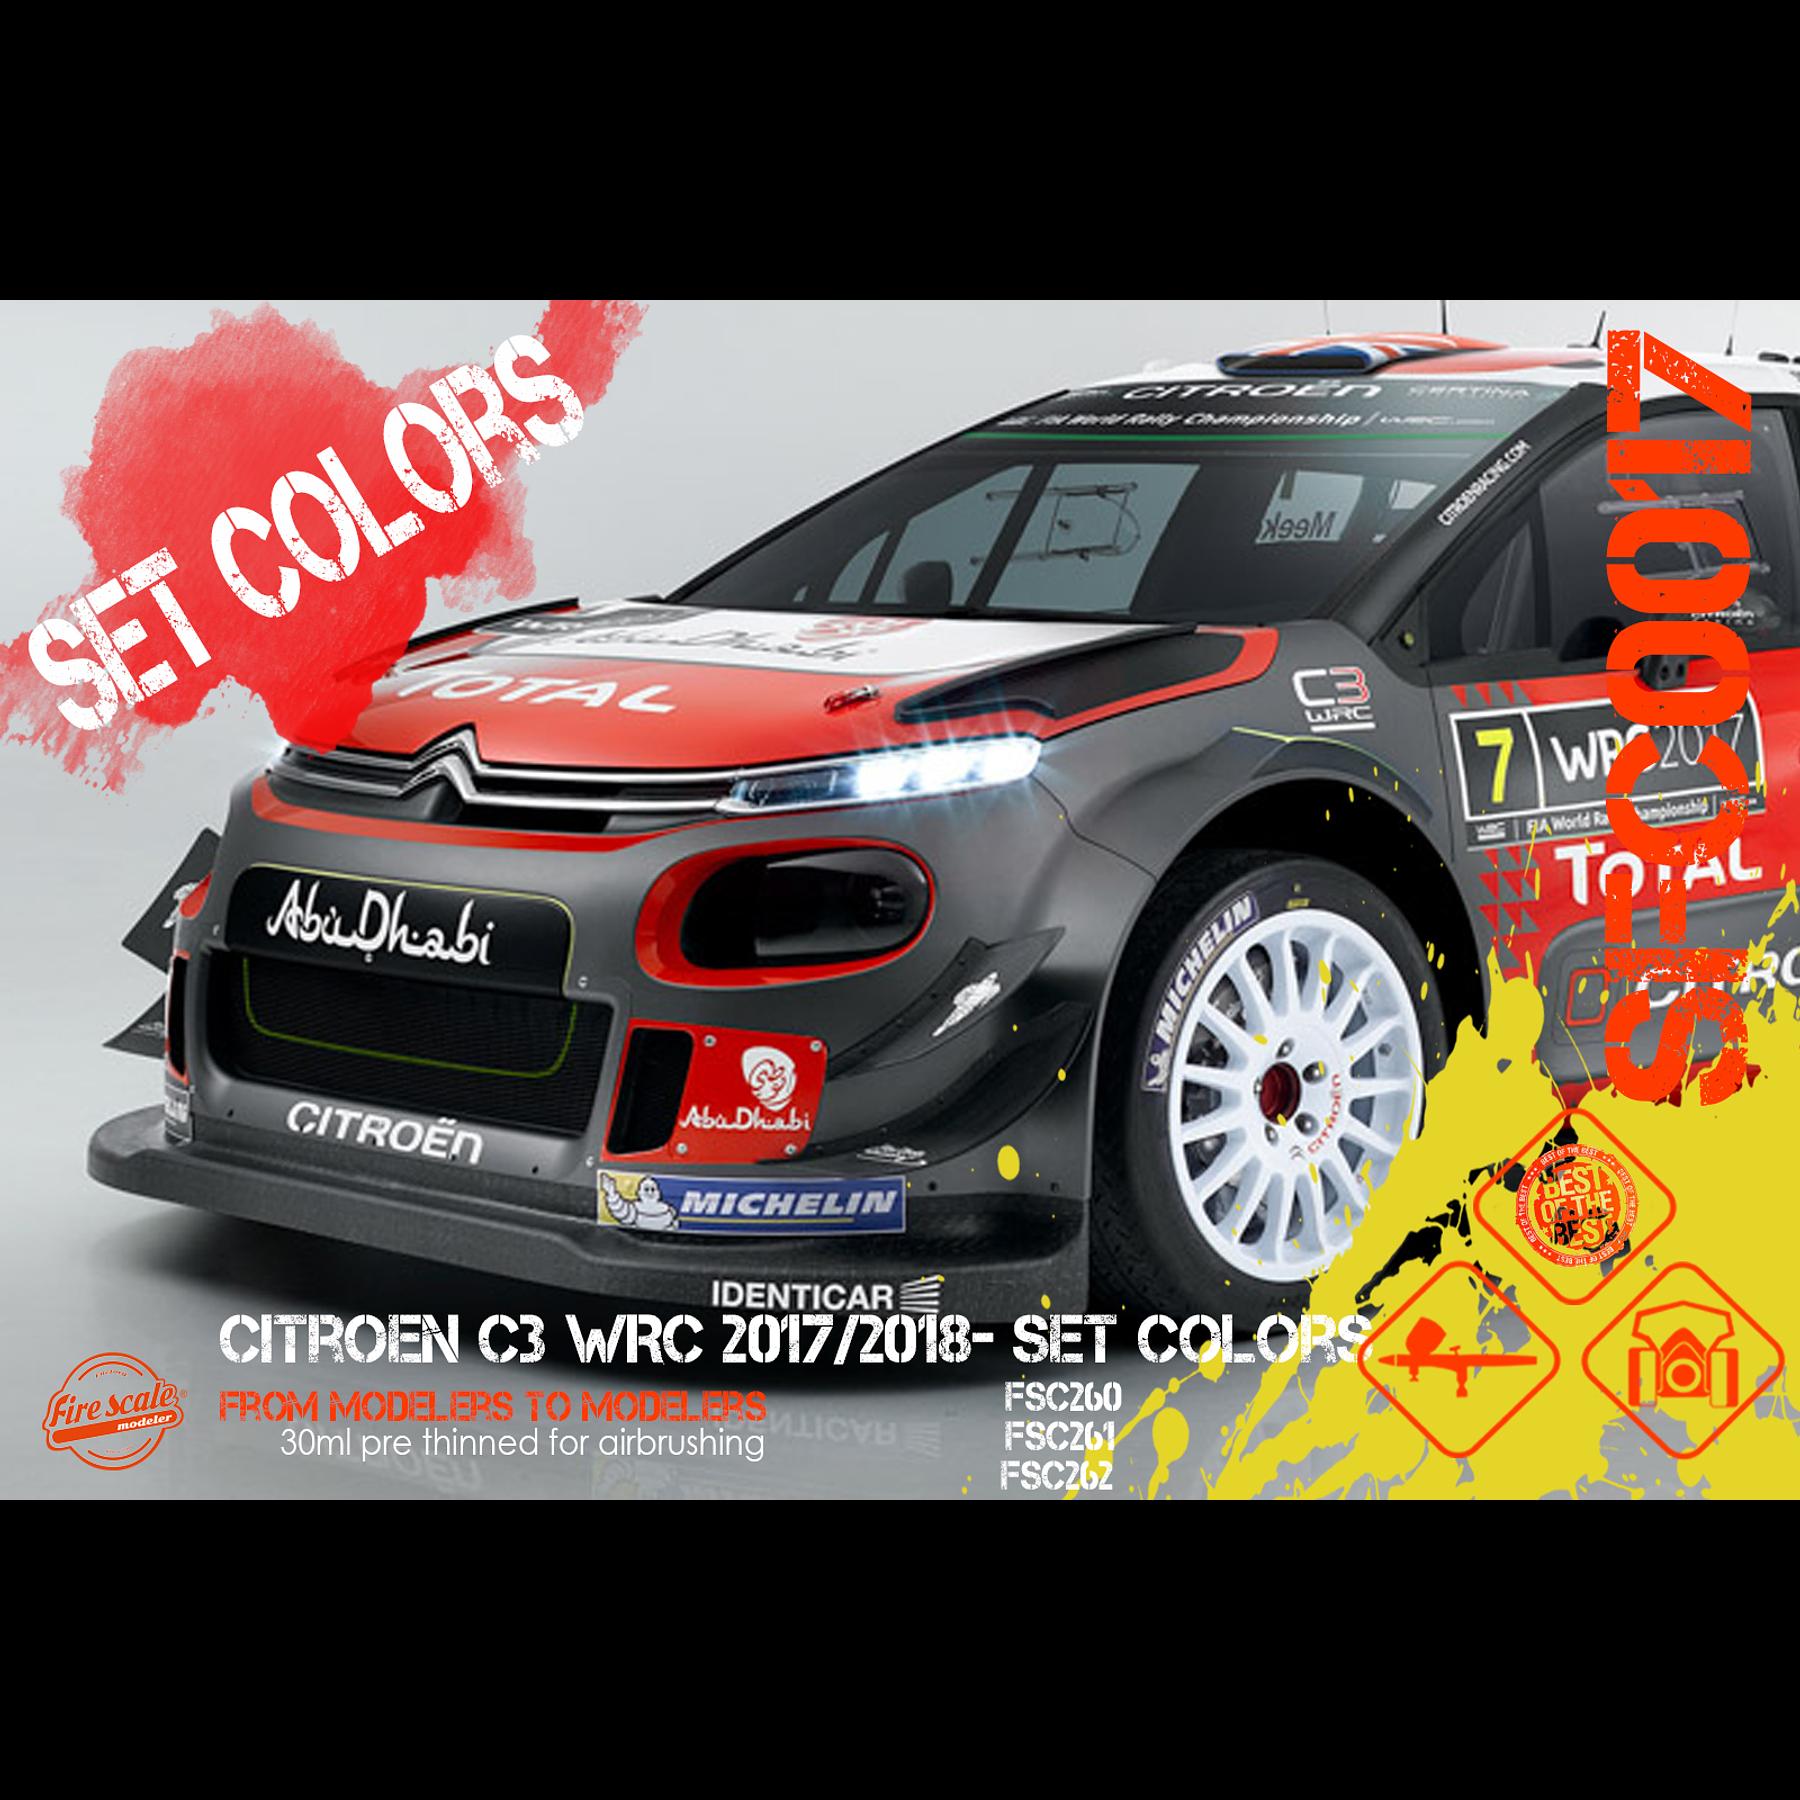 Citroen C3 WRC 2017/2018 - Set Color